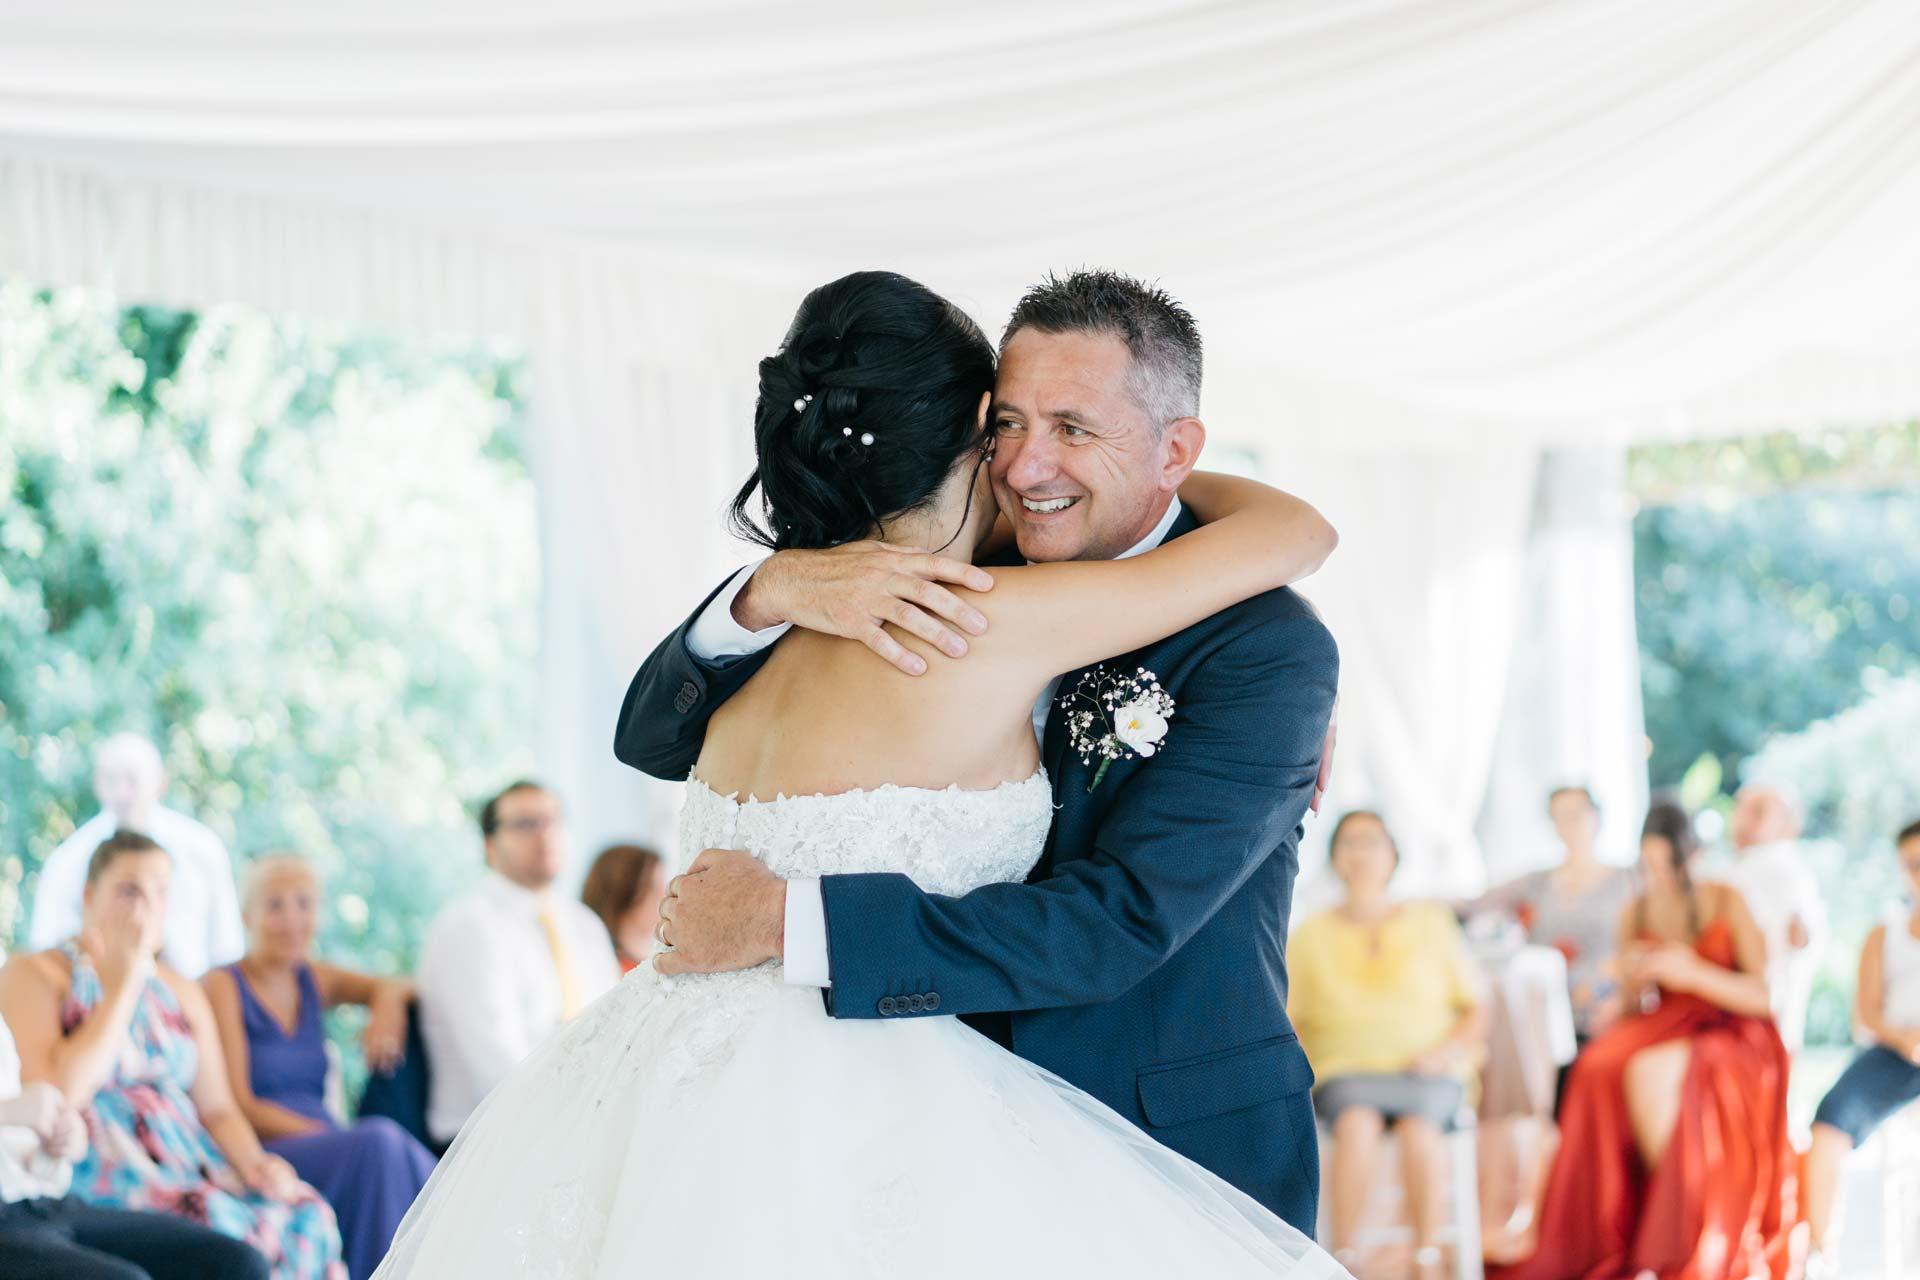 reportage-di-matrimonio-roma-f&a-1-simone-nunzi